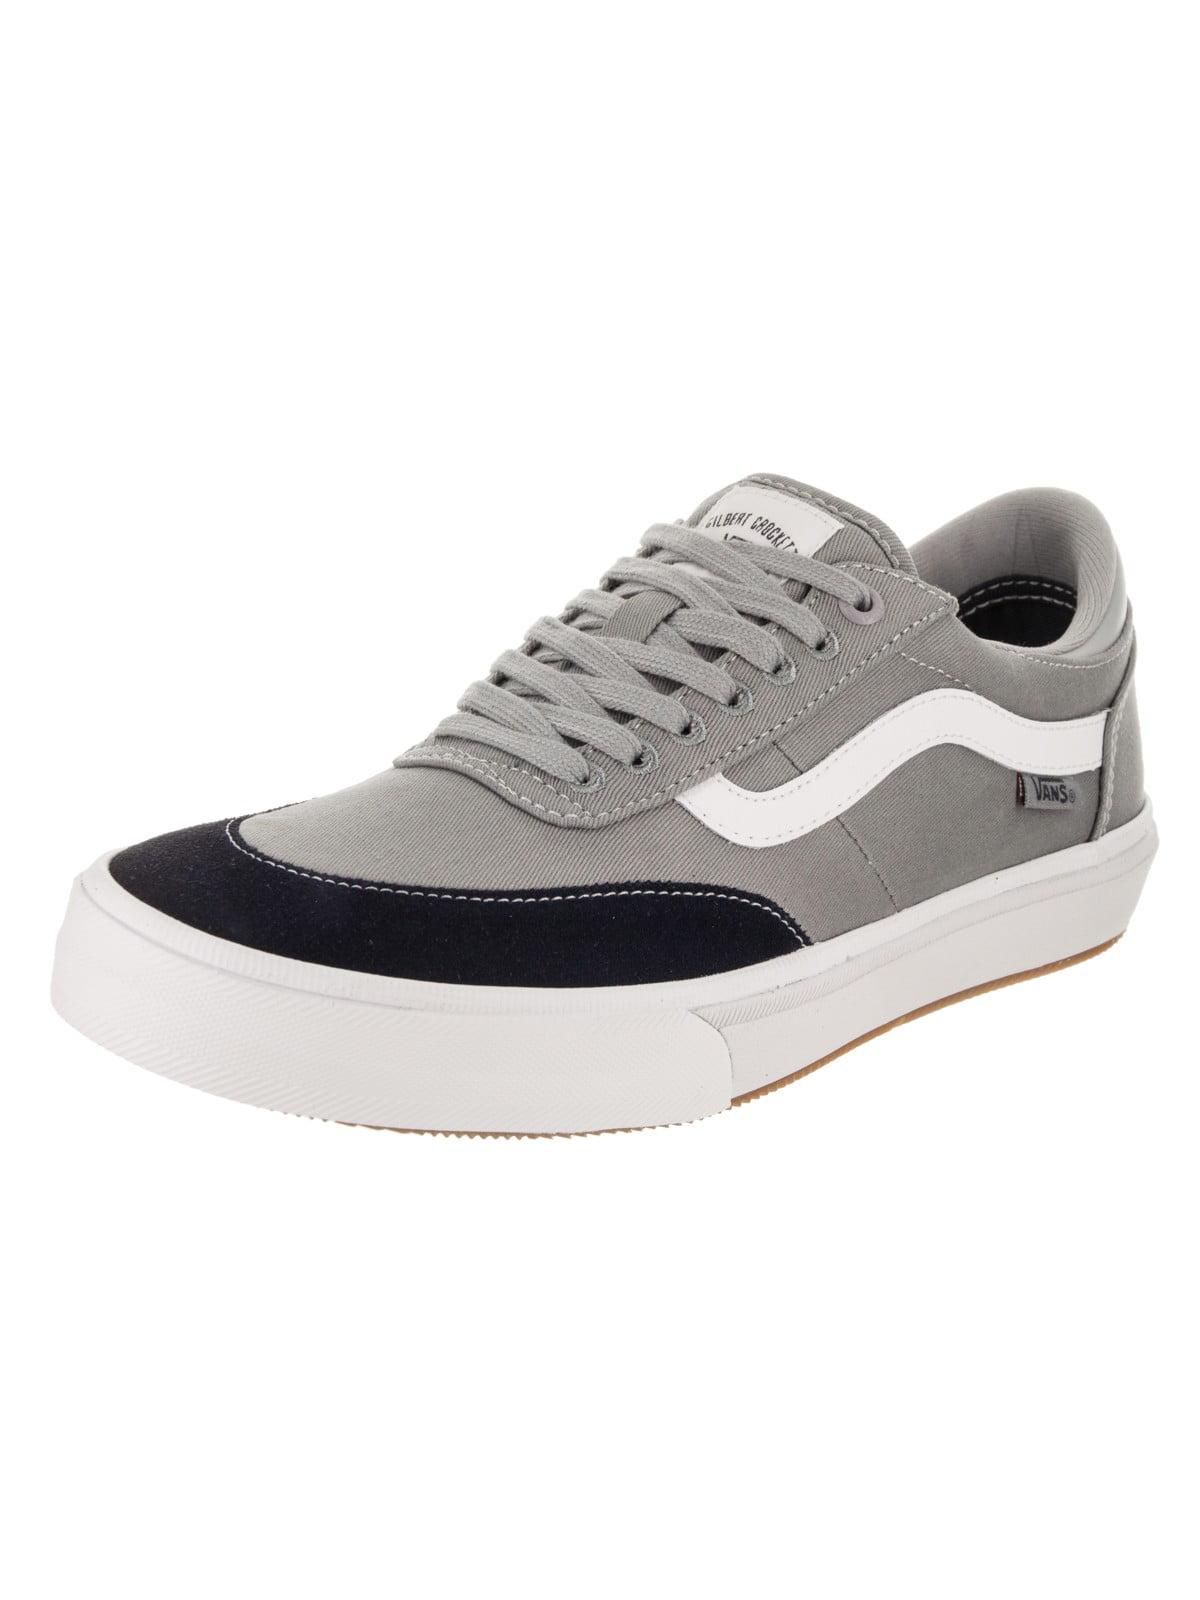 Men's Gilbert Crockett Skate Shoe